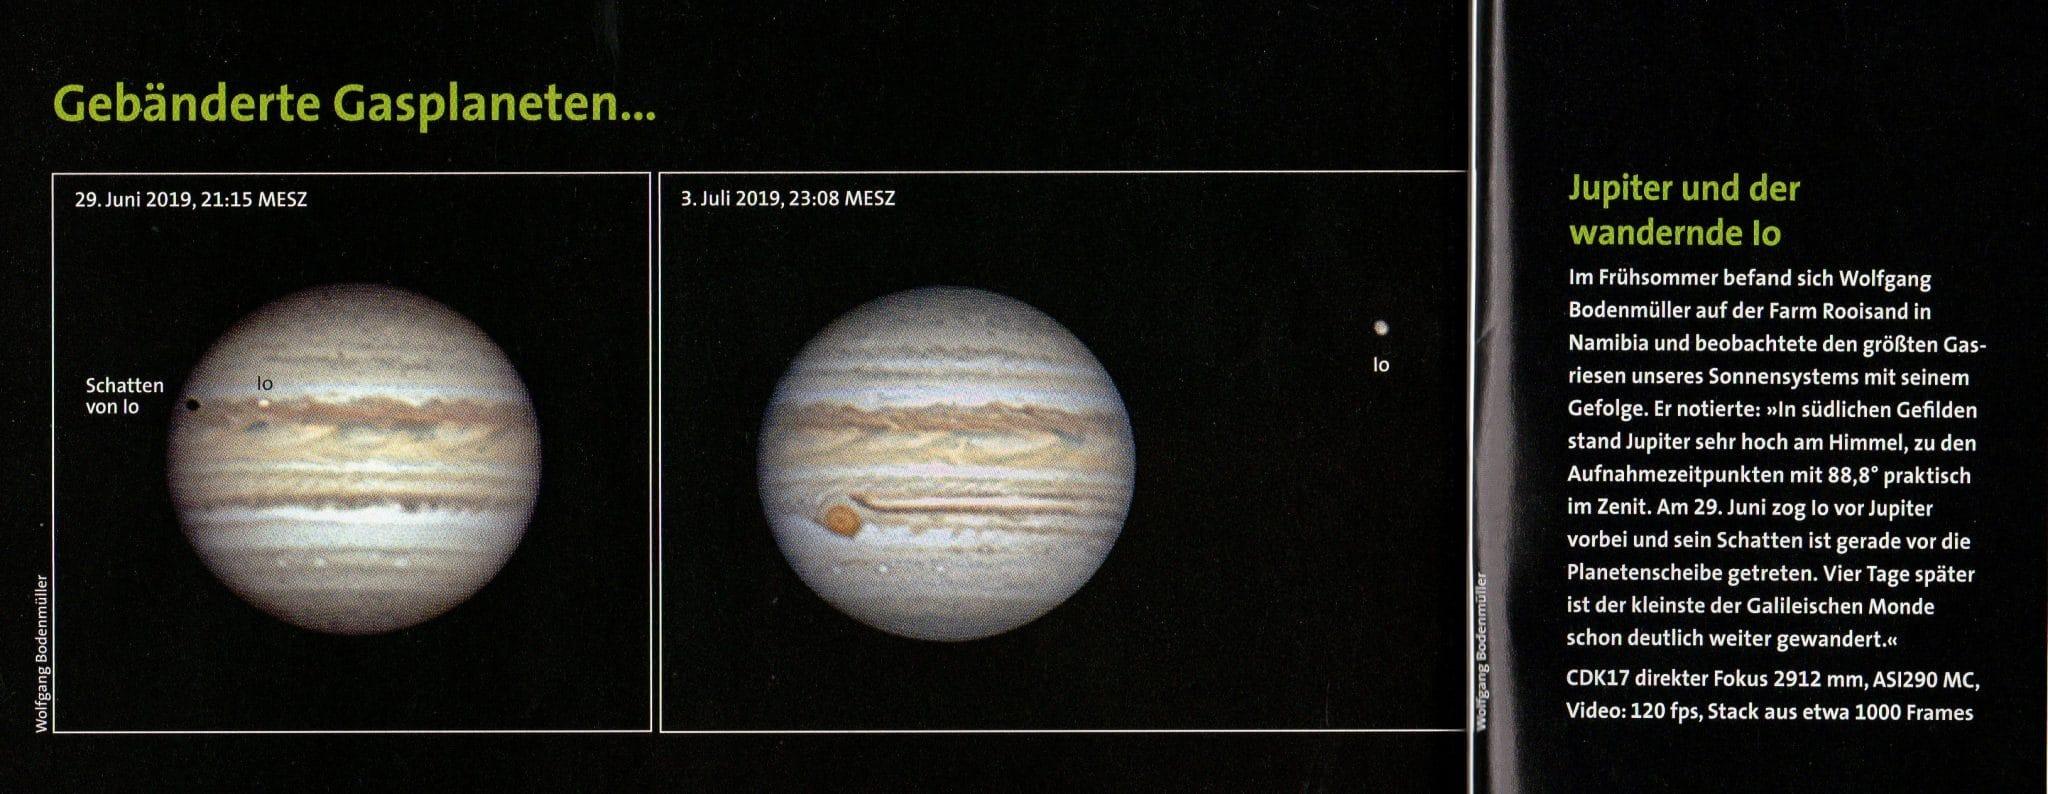 Bilder aus dem Observatorium